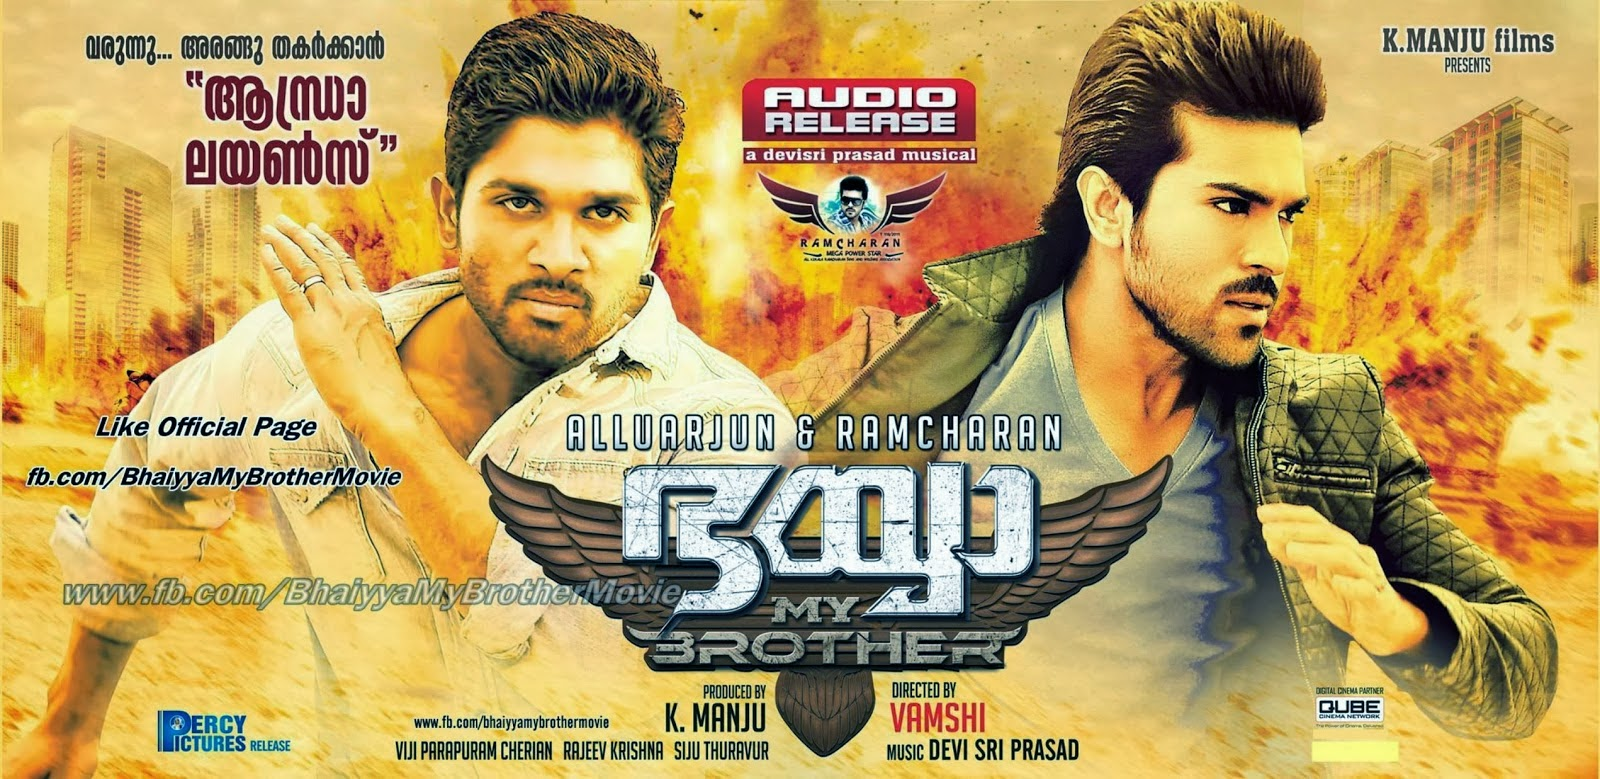 yevadu 2014 hindi dubbed full movie moviez 4 months ago 0 views 0 ...